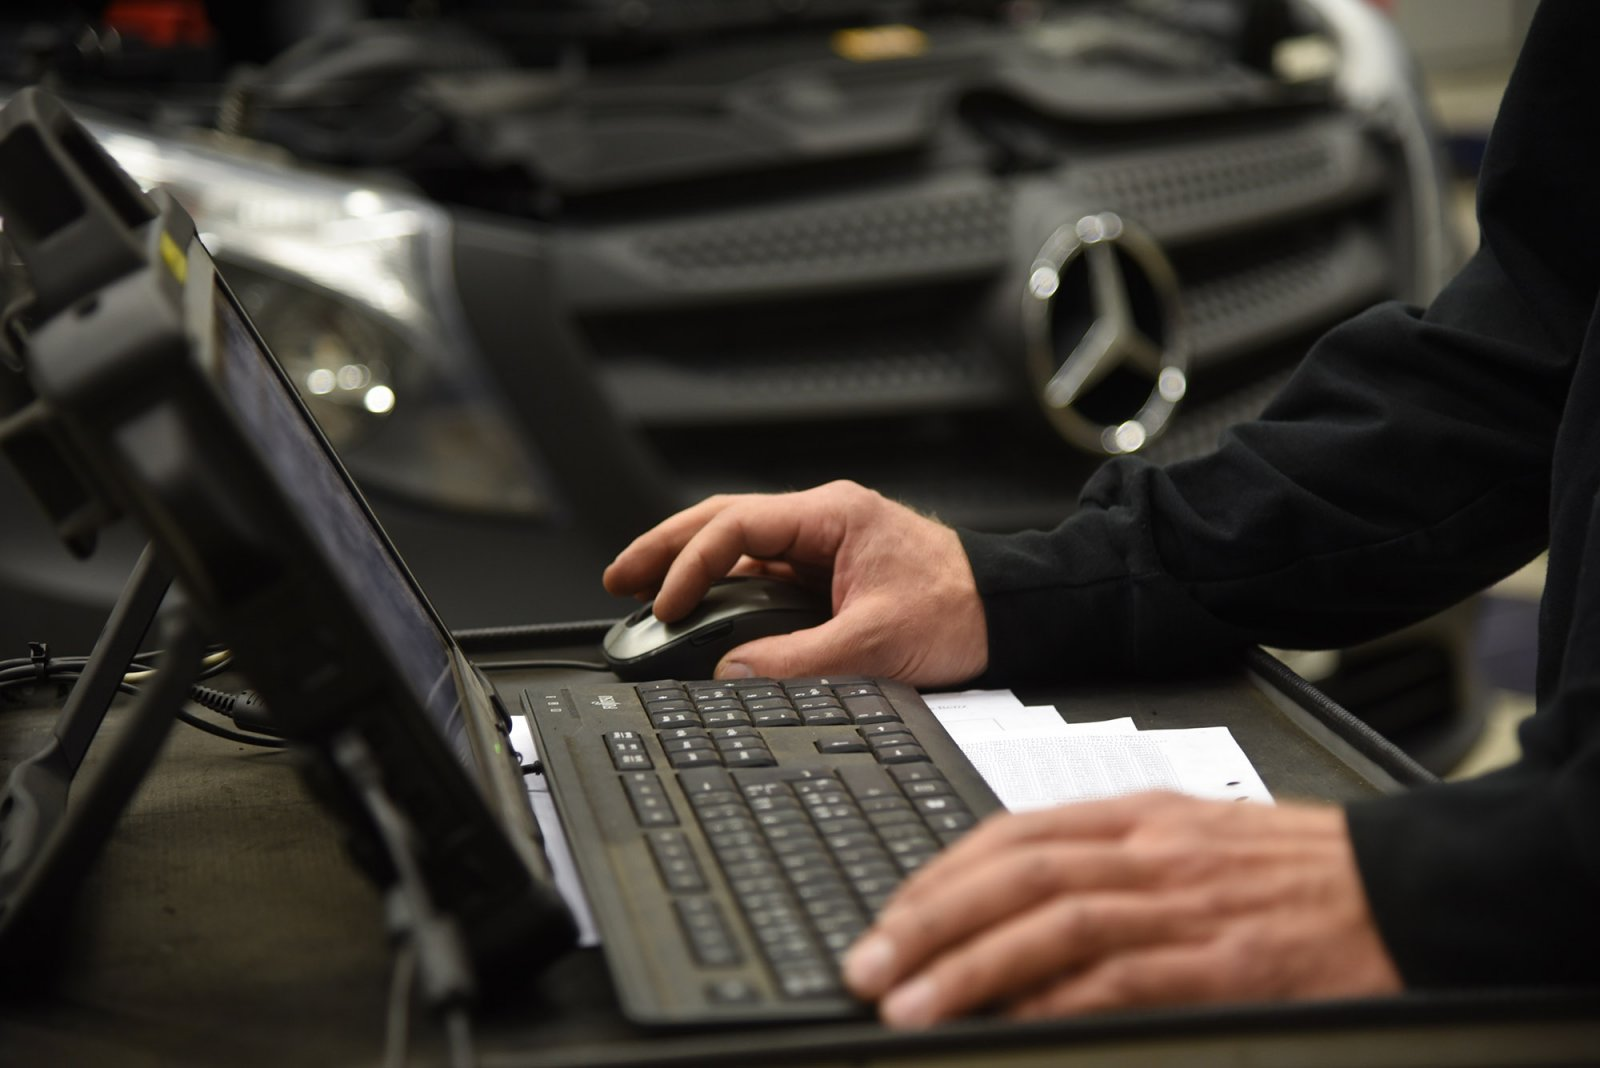 Tack vare den noggranna kontrollen lämnas 24 månaders fabriksgaranti på alla bilar i Certified programmet.